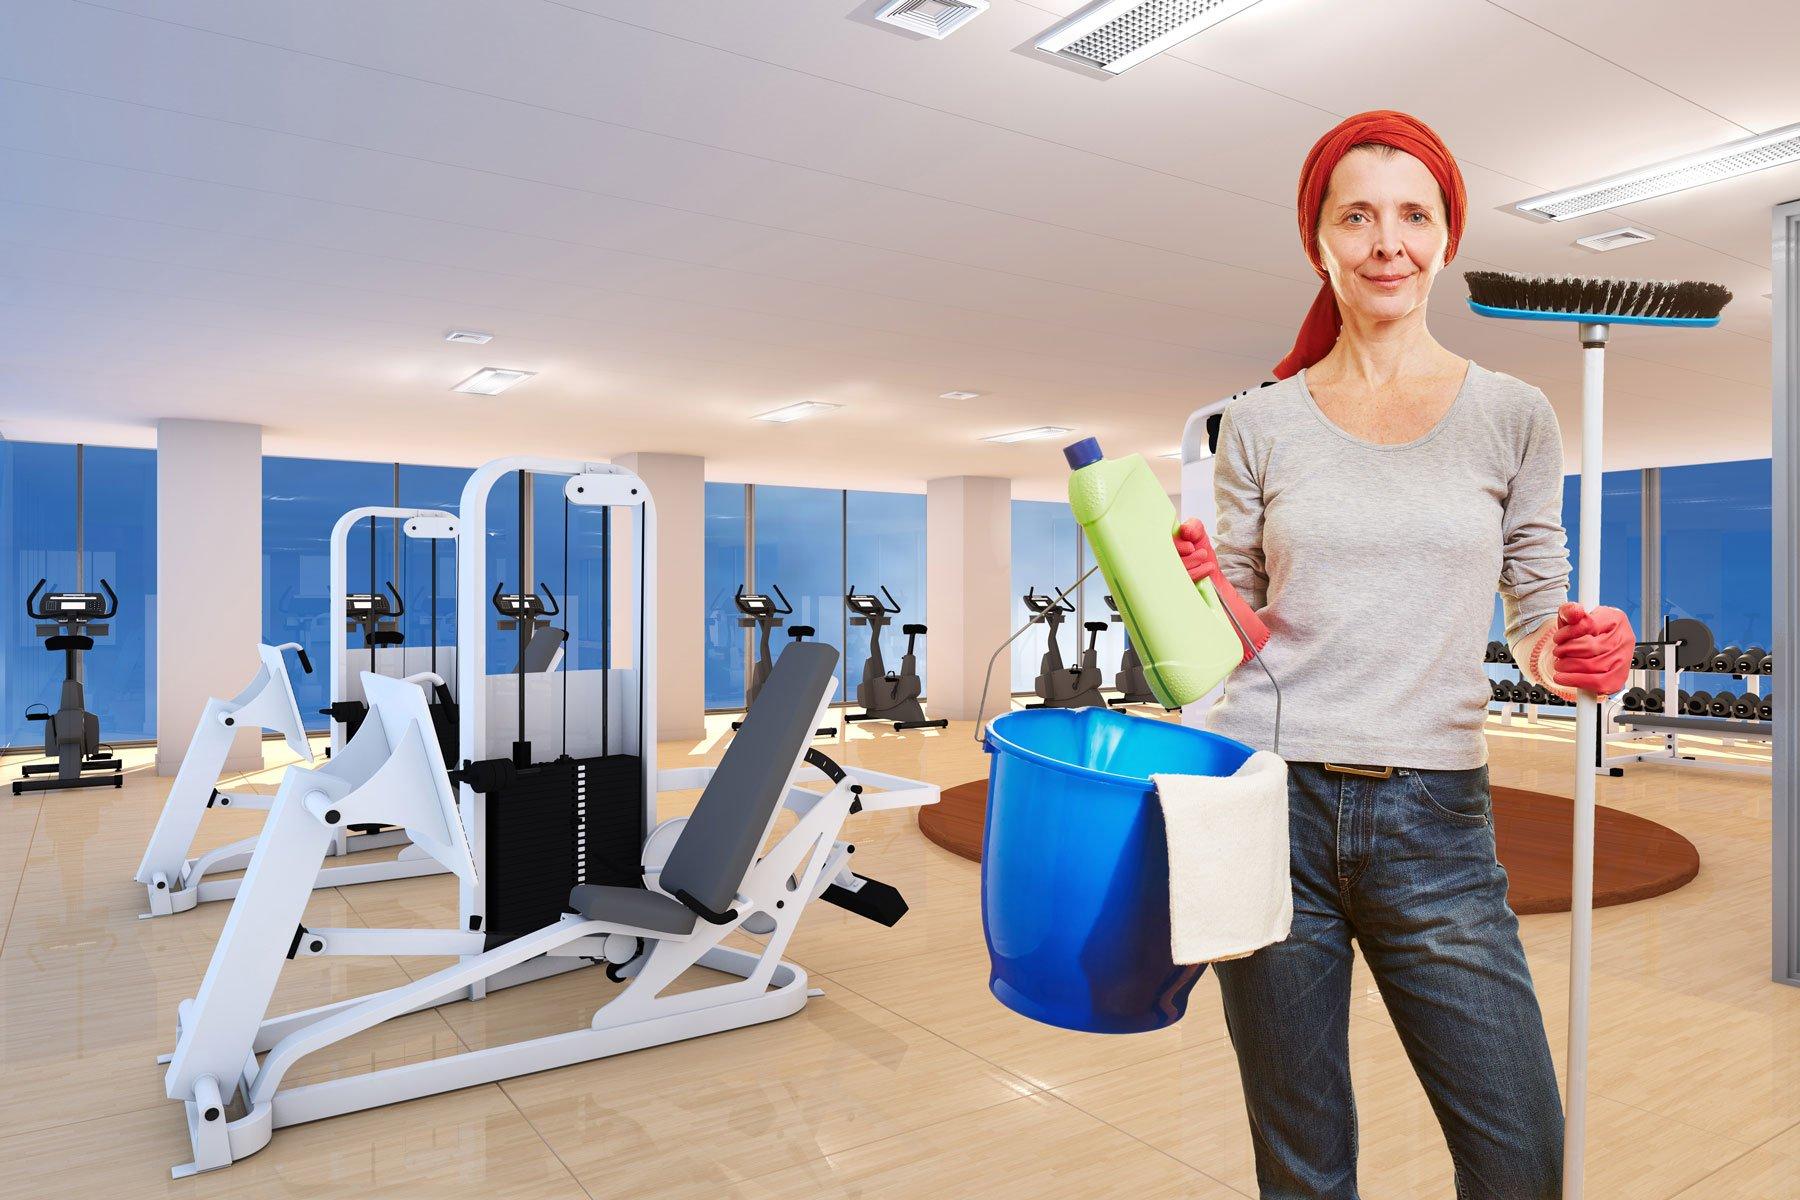 una donna con un secchio- uno spazzolone e altri prodotti per pulizie in una palestra